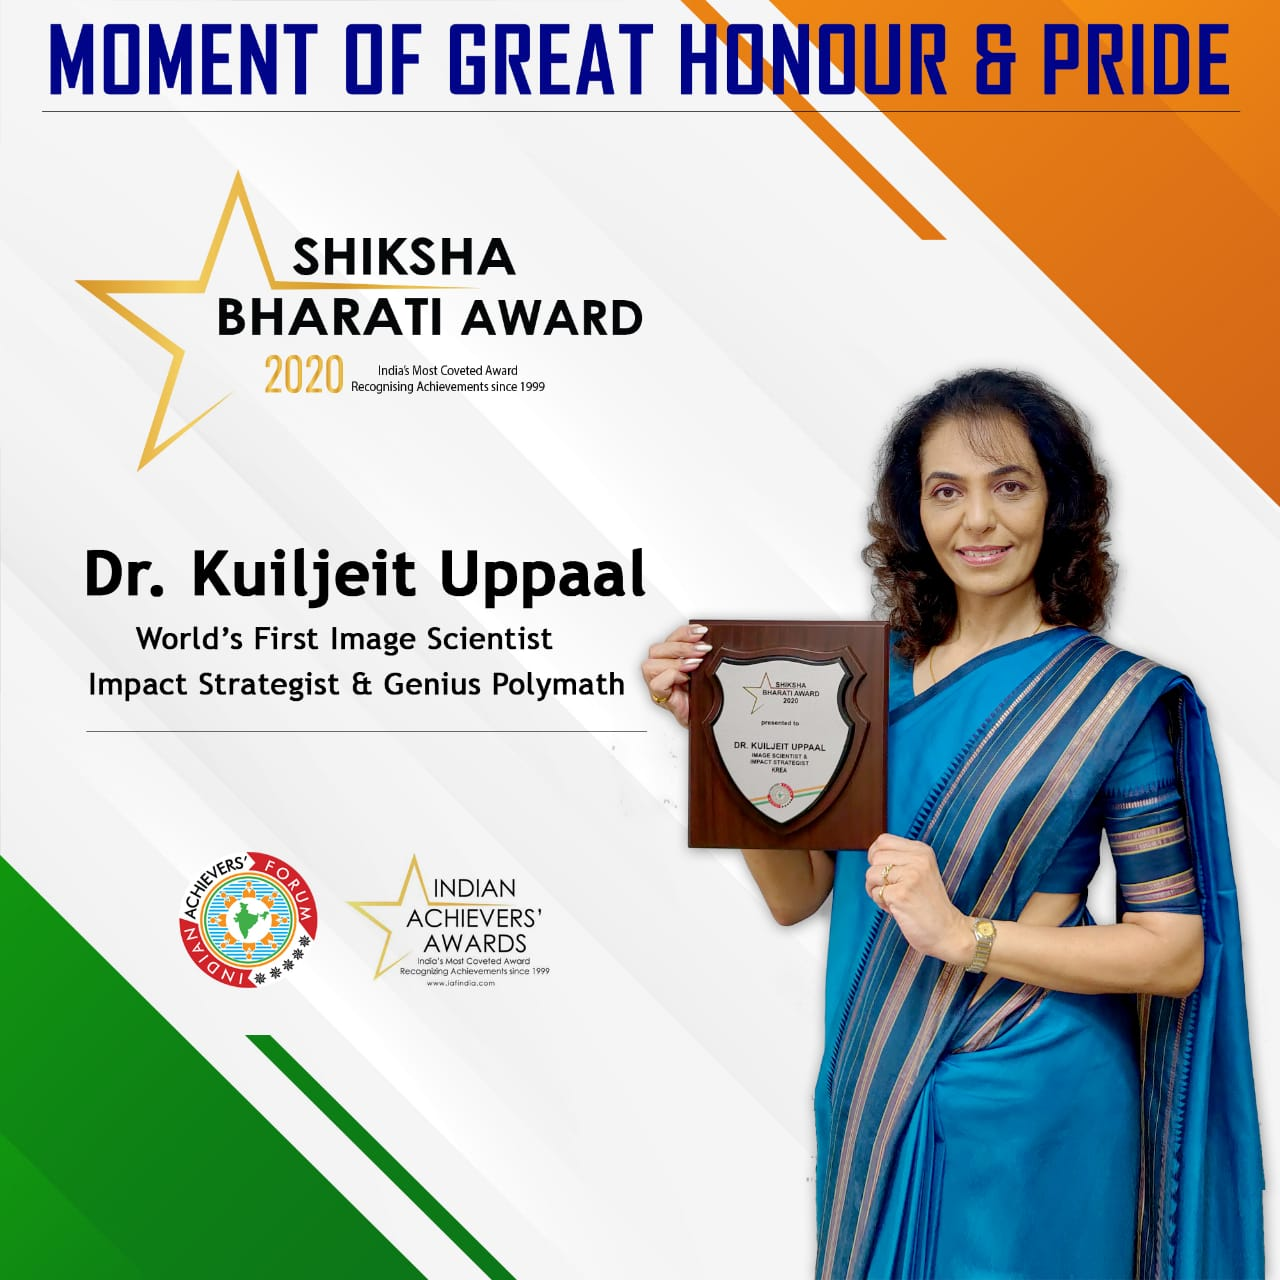 Shiksha Bharti Award